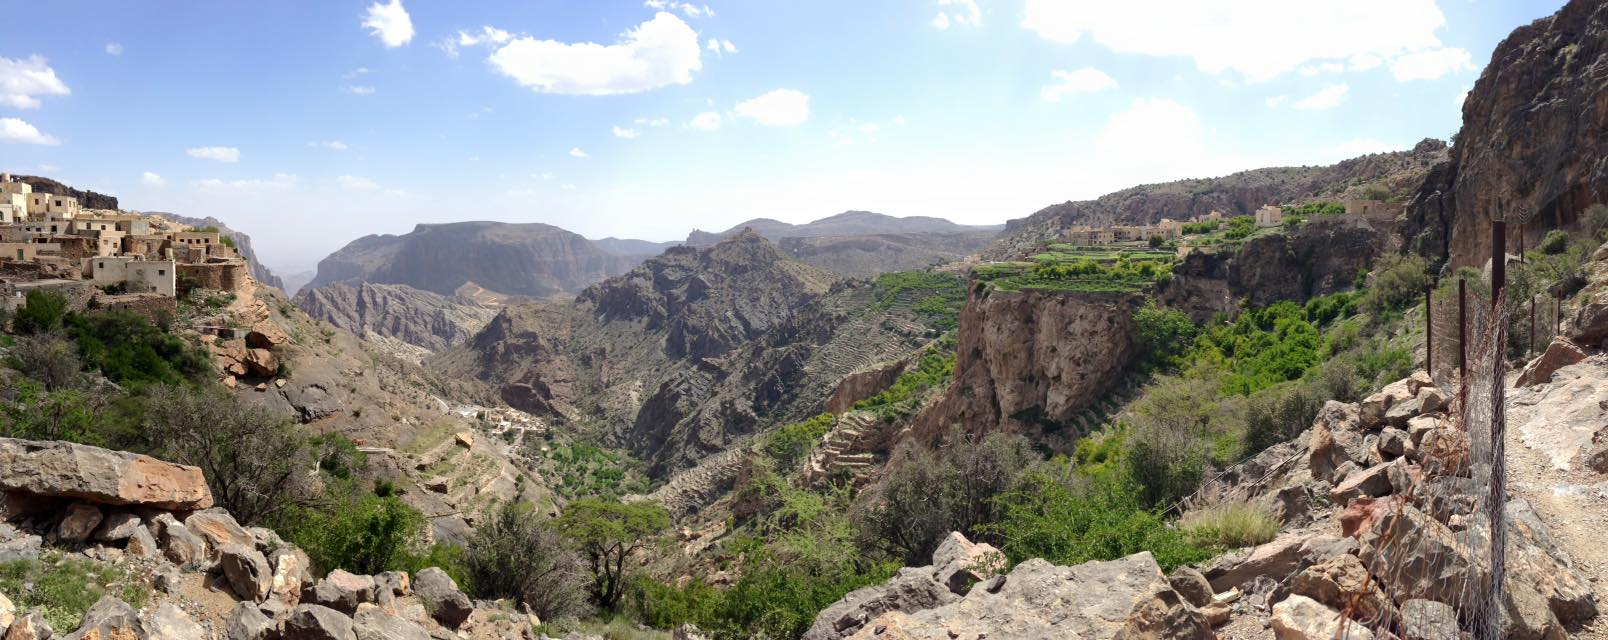 Al Aqor